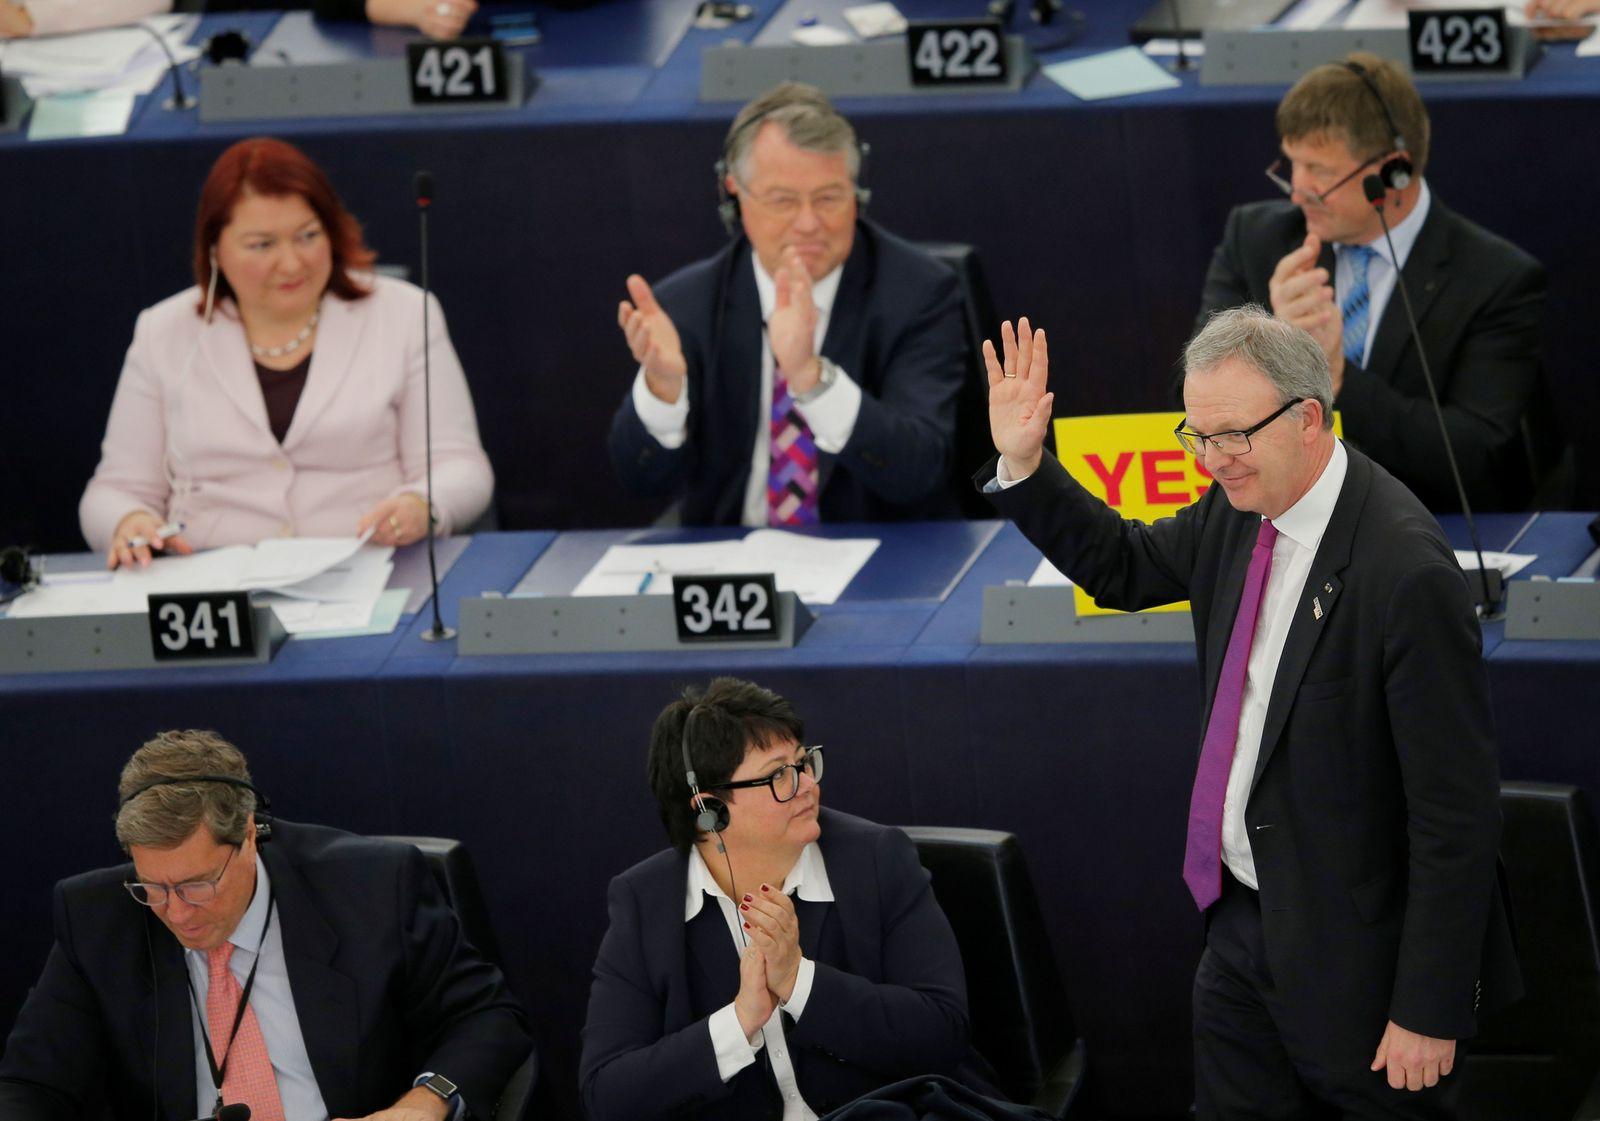 EU Parlament/ Strassburg/ Artikel 13